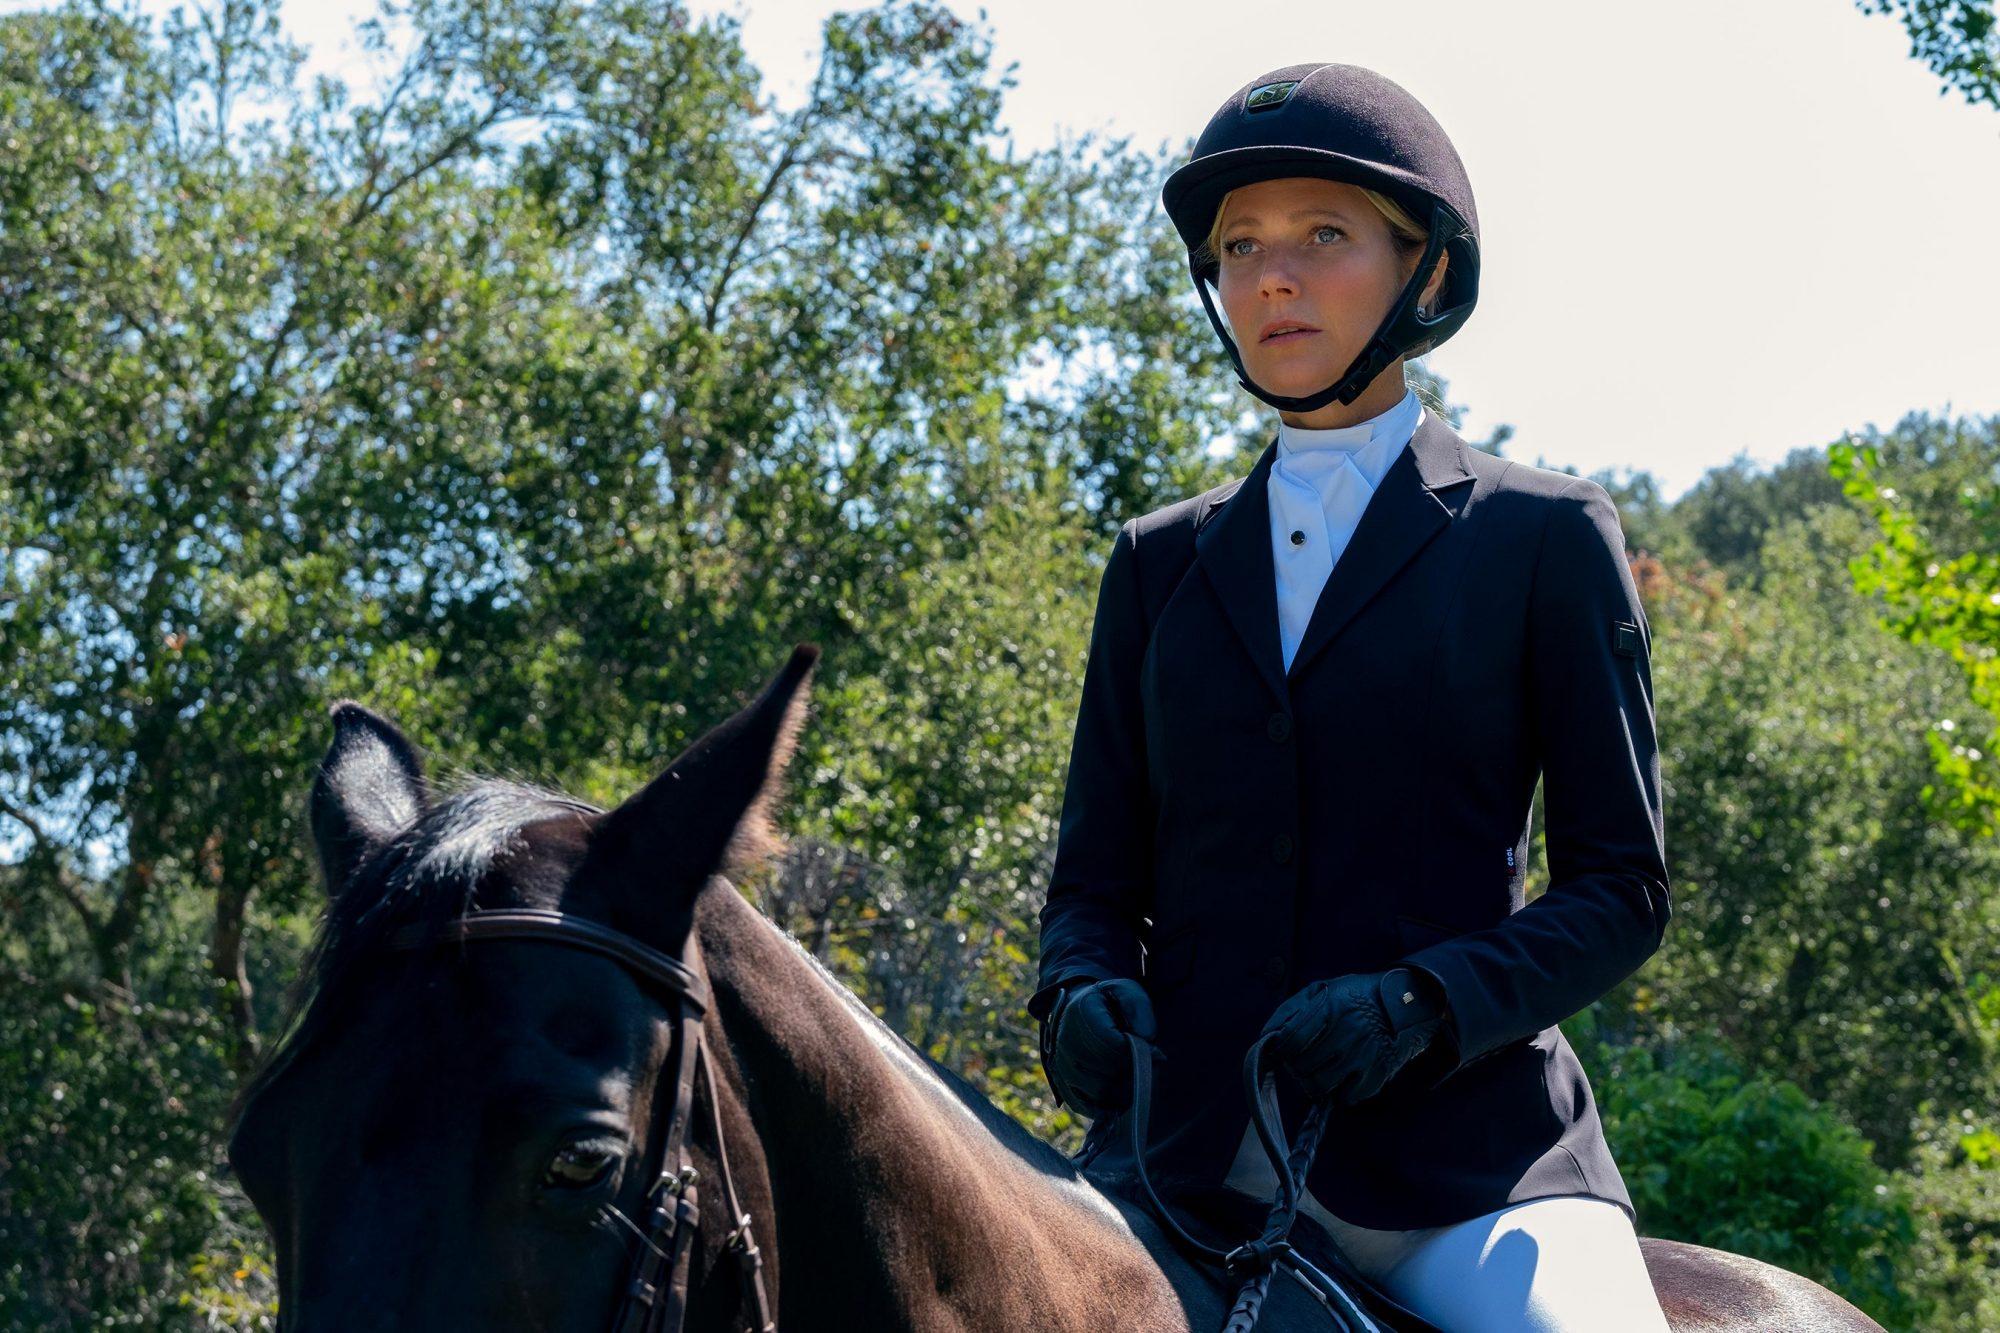 Politician Gwyneth Paltrow Equestrian Look